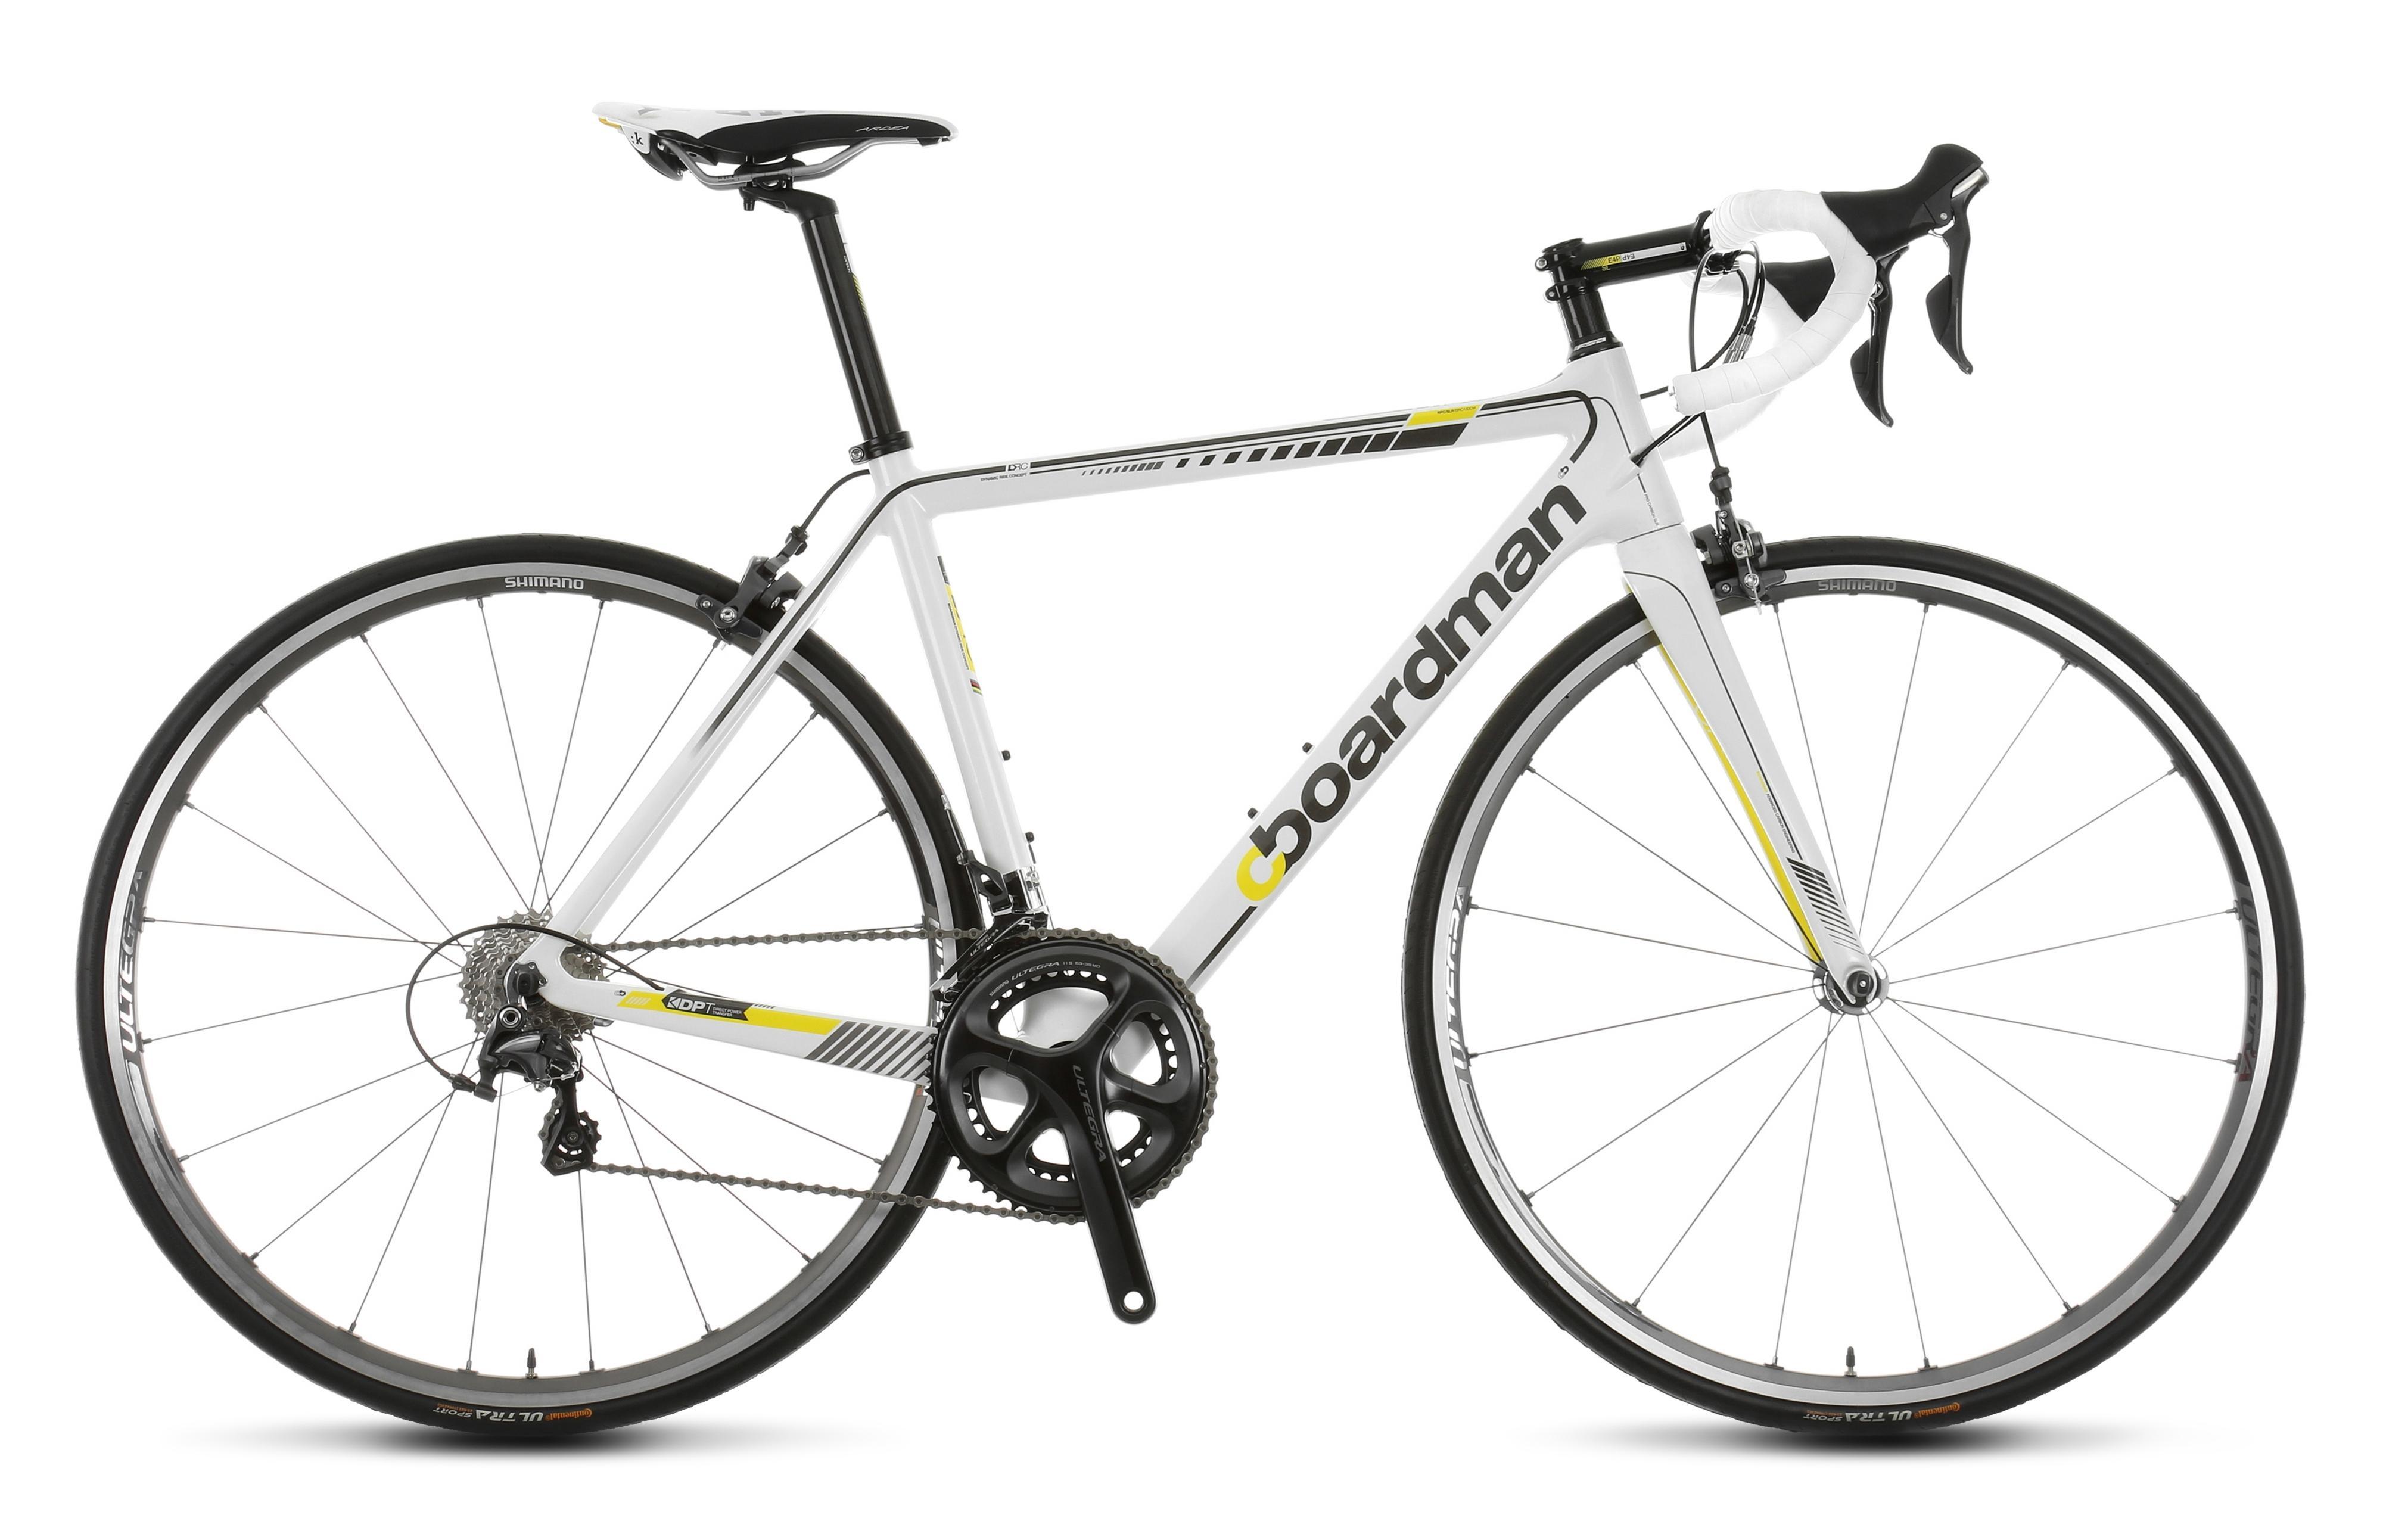 Boardman Road Pro Carbon Slr Bike 2014 700c Wheels 22 Gears